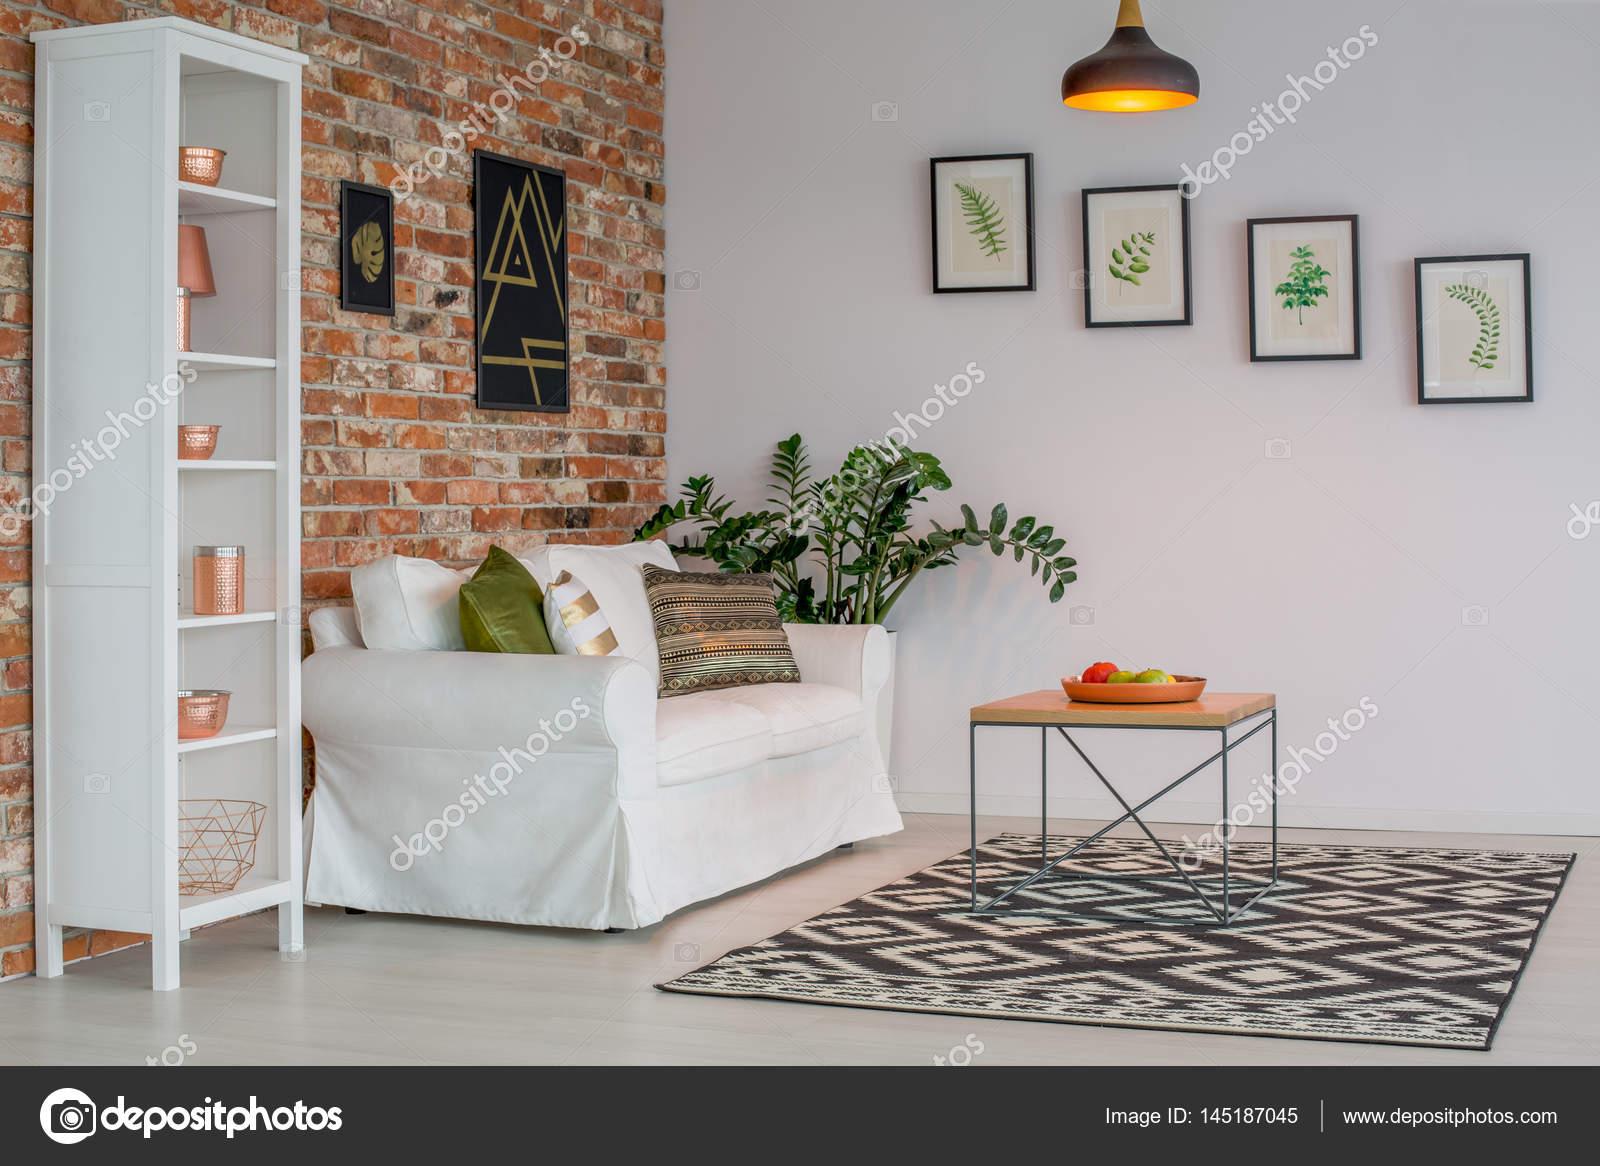 Woonkamer met bakstenen muur — Stockfoto © photographee.eu #145187045